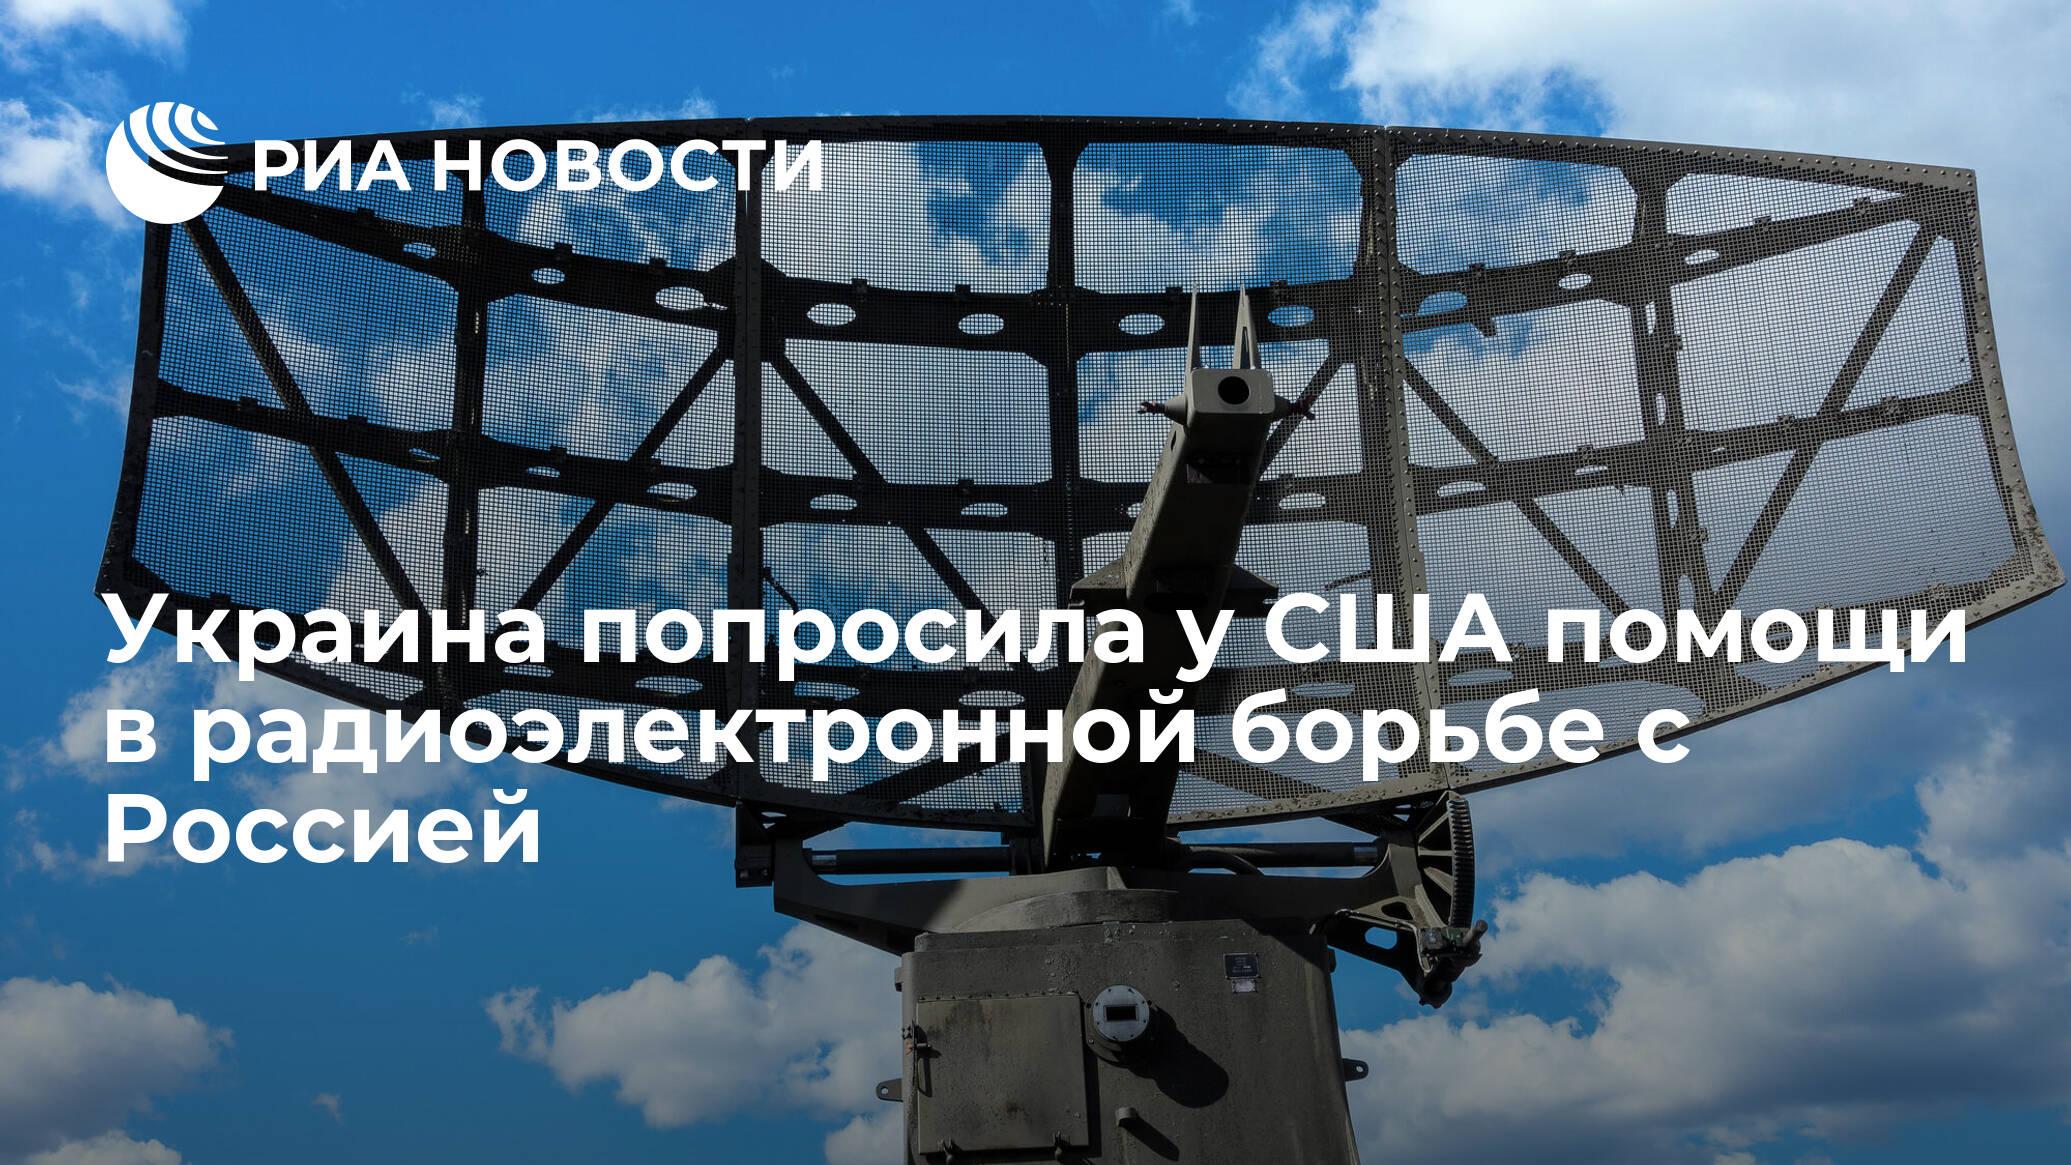 Украина попросила у США помощи в радиоэлектронной борьбе с Россией